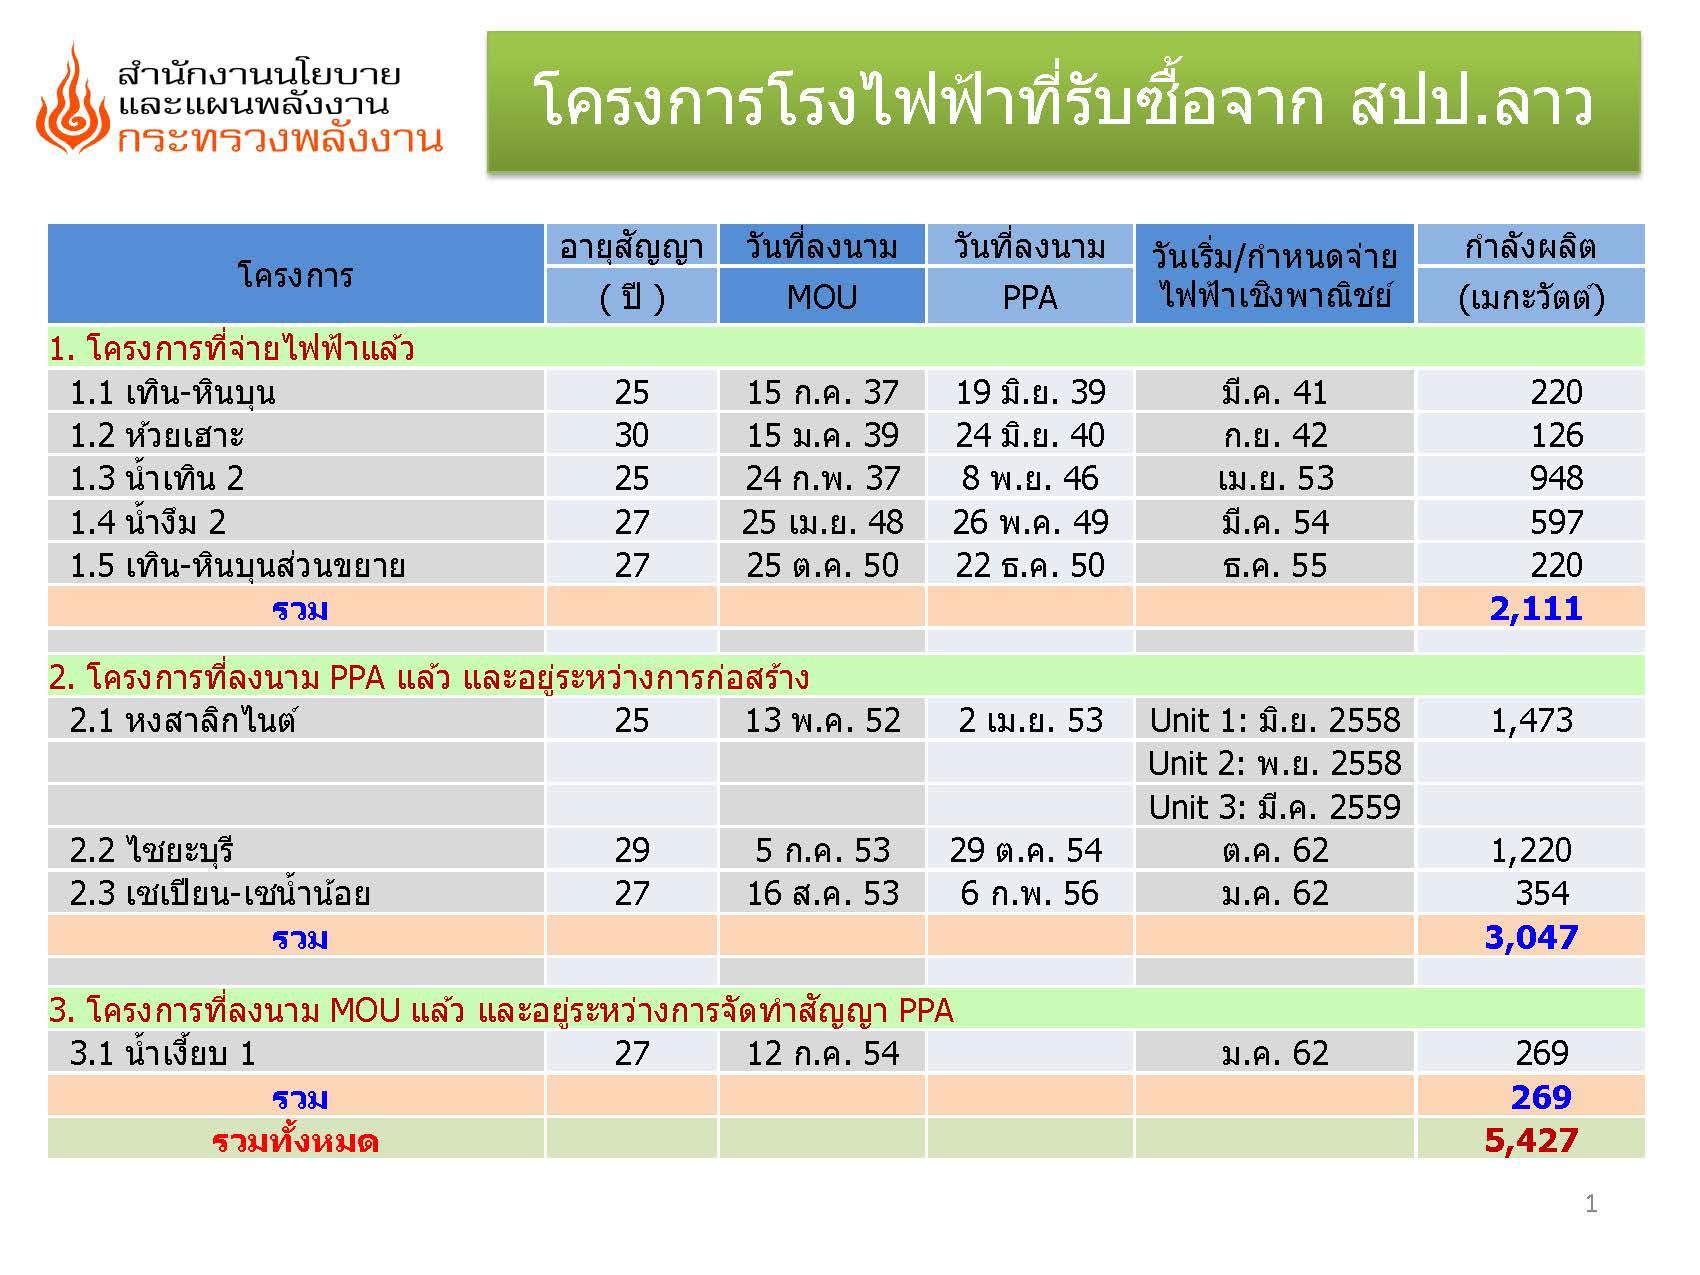 รัฐบาลได้มีนโยบายสนับสนุนการจัดหาพลังงานไฟฟ้าจากประเทศเพื่อนบ้าน เพื่อสนองความต้องการใช้ไฟฟ้าของประเทศที่เพิ่มสูงขึ้น โดยการสนับสนุนให้ภาคเอกชนไทยทำการสำรวจและพัฒนาโครงการผลิตไฟฟ้าเพื่อขาย ไฟฟ้าให้ประเทศไทย เช่น การรับซื้อไฟฟ้าจากสาธารณรัฐประชาชนลาว (สปป.ลาว) ประเทศสาธารณรัฐประชาชนจีน และประเทศสหภาพพม่า ประเทศกัมพูชา และกลุ่มอนุภูมิภาคต่างๆ เพื่อให้สอดคล้องกับแผนบริหารด้านพลังงานของประเทศไทย ซึ่งการรับซื้อไฟฟ้าจากประเทศ สปป.ลาว นับว่ามีความก้าวหน้ามากกว่าประเทศอื่น โดยได้มีการจัดทำบันทึกความเข้าใจระดับรัฐบาล ในการรับซื้อไฟฟ้าในปริมาณ 3,000 เมกะวัตต์ ภายในปี 2549 โดยมีความคืบหน้าในการดำเนินการของโครงการการรับซื้อไฟฟ้าจากประเทศเพื่อน บ้านดังนี้